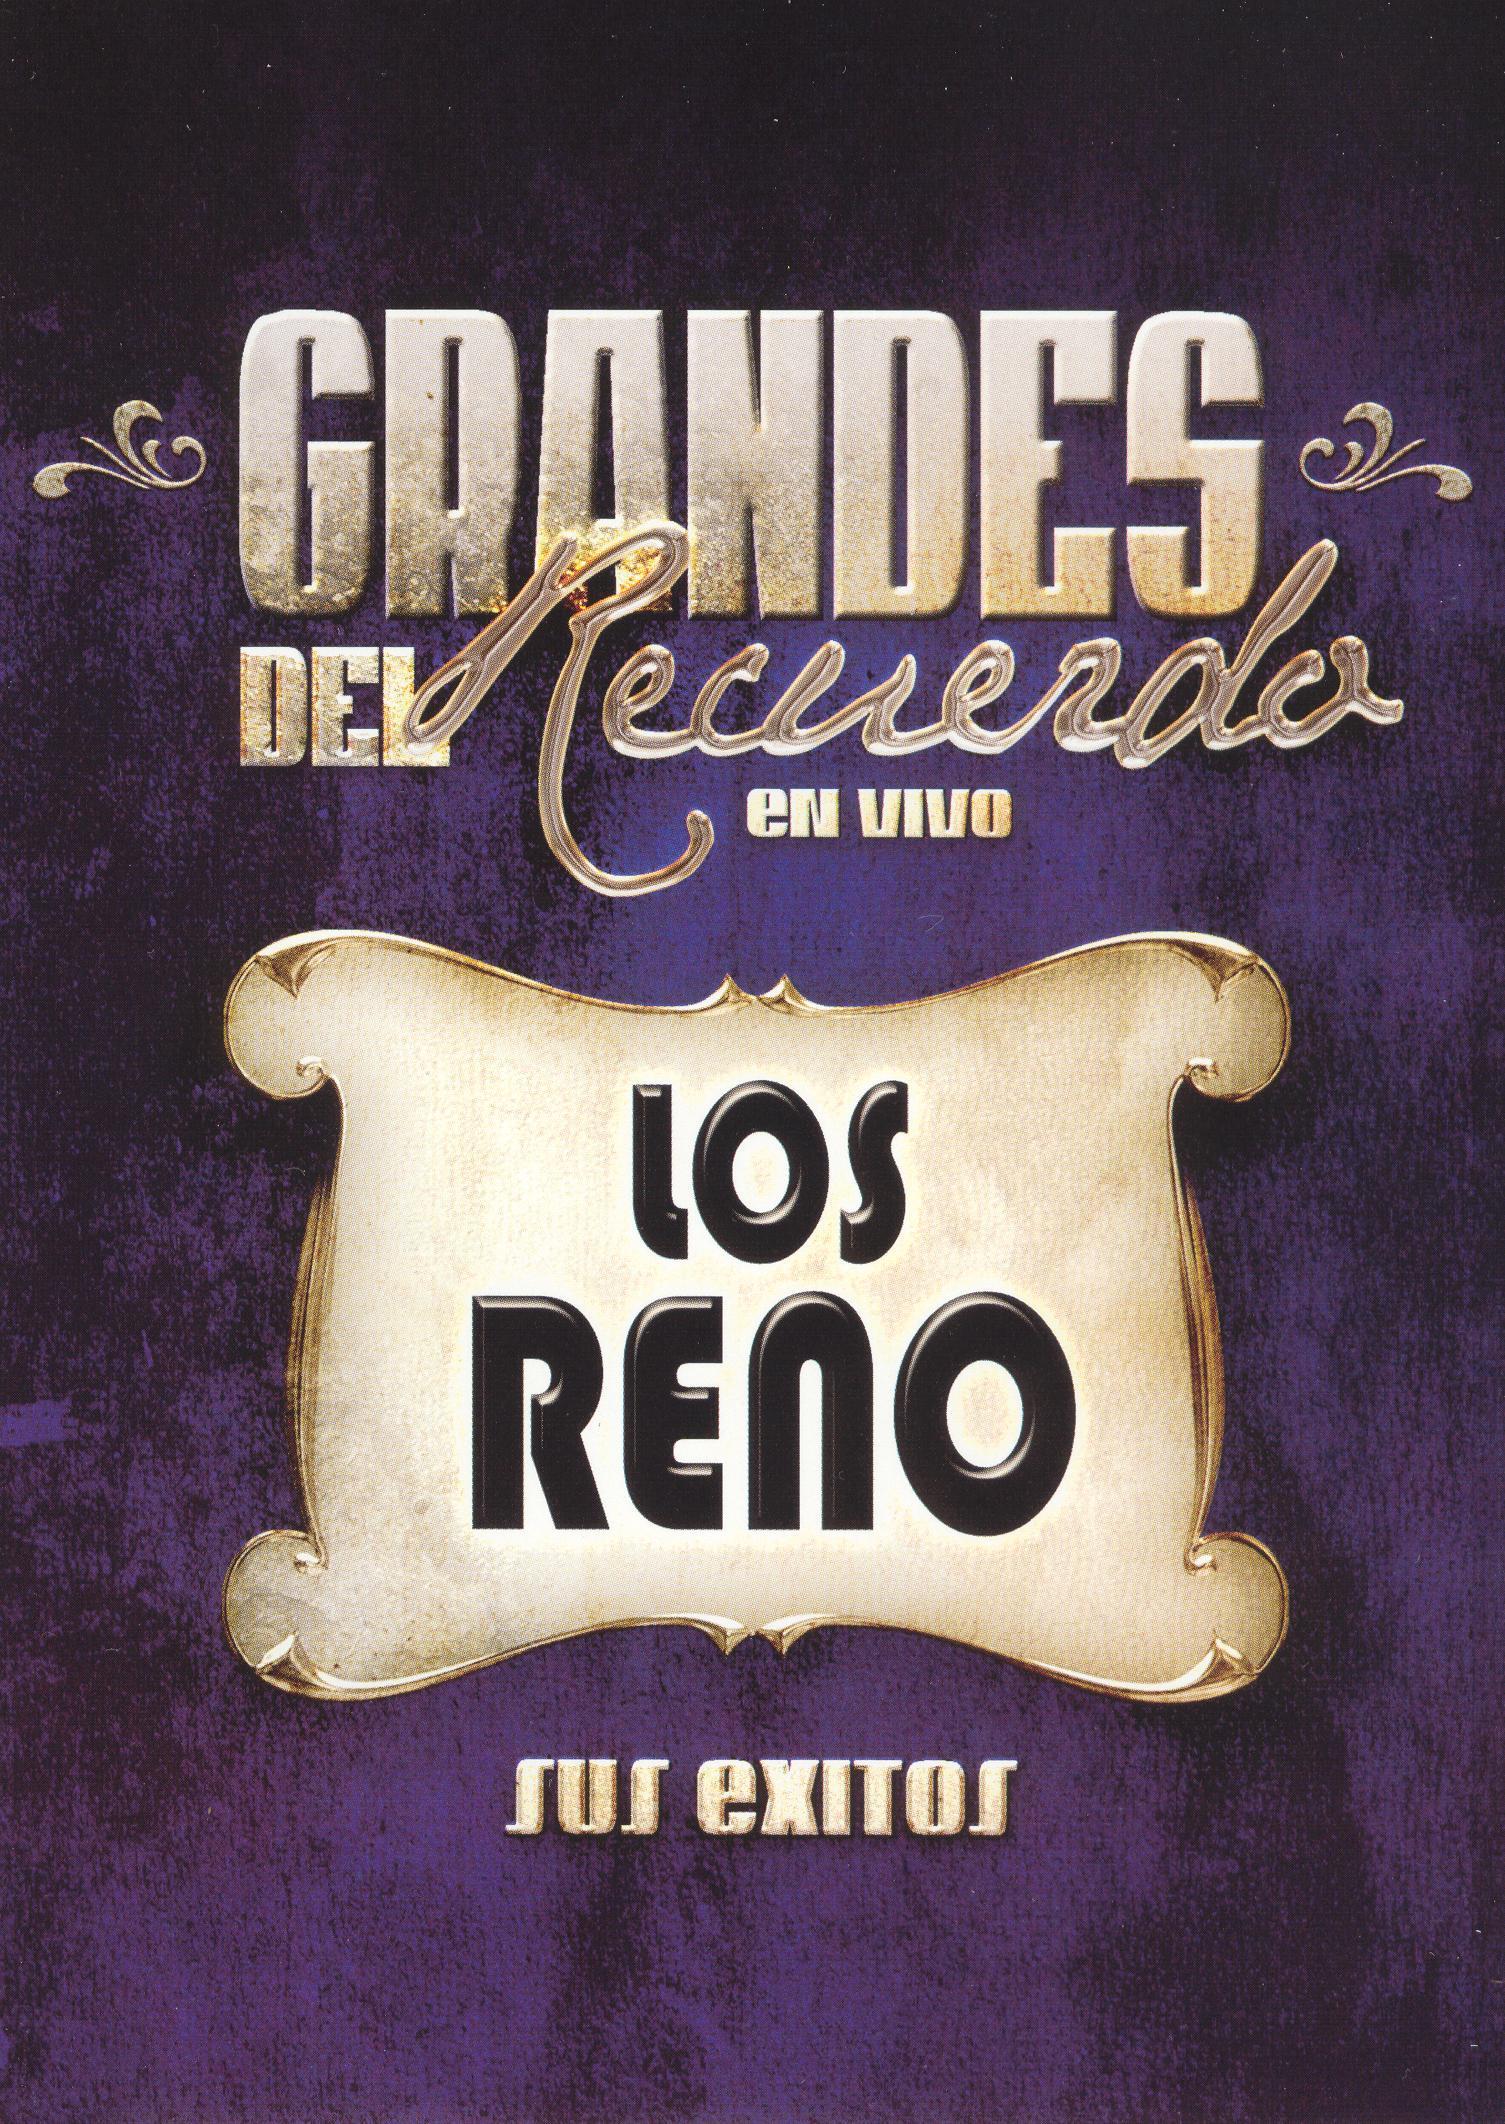 Los Reno: Grandes del Recuerdo